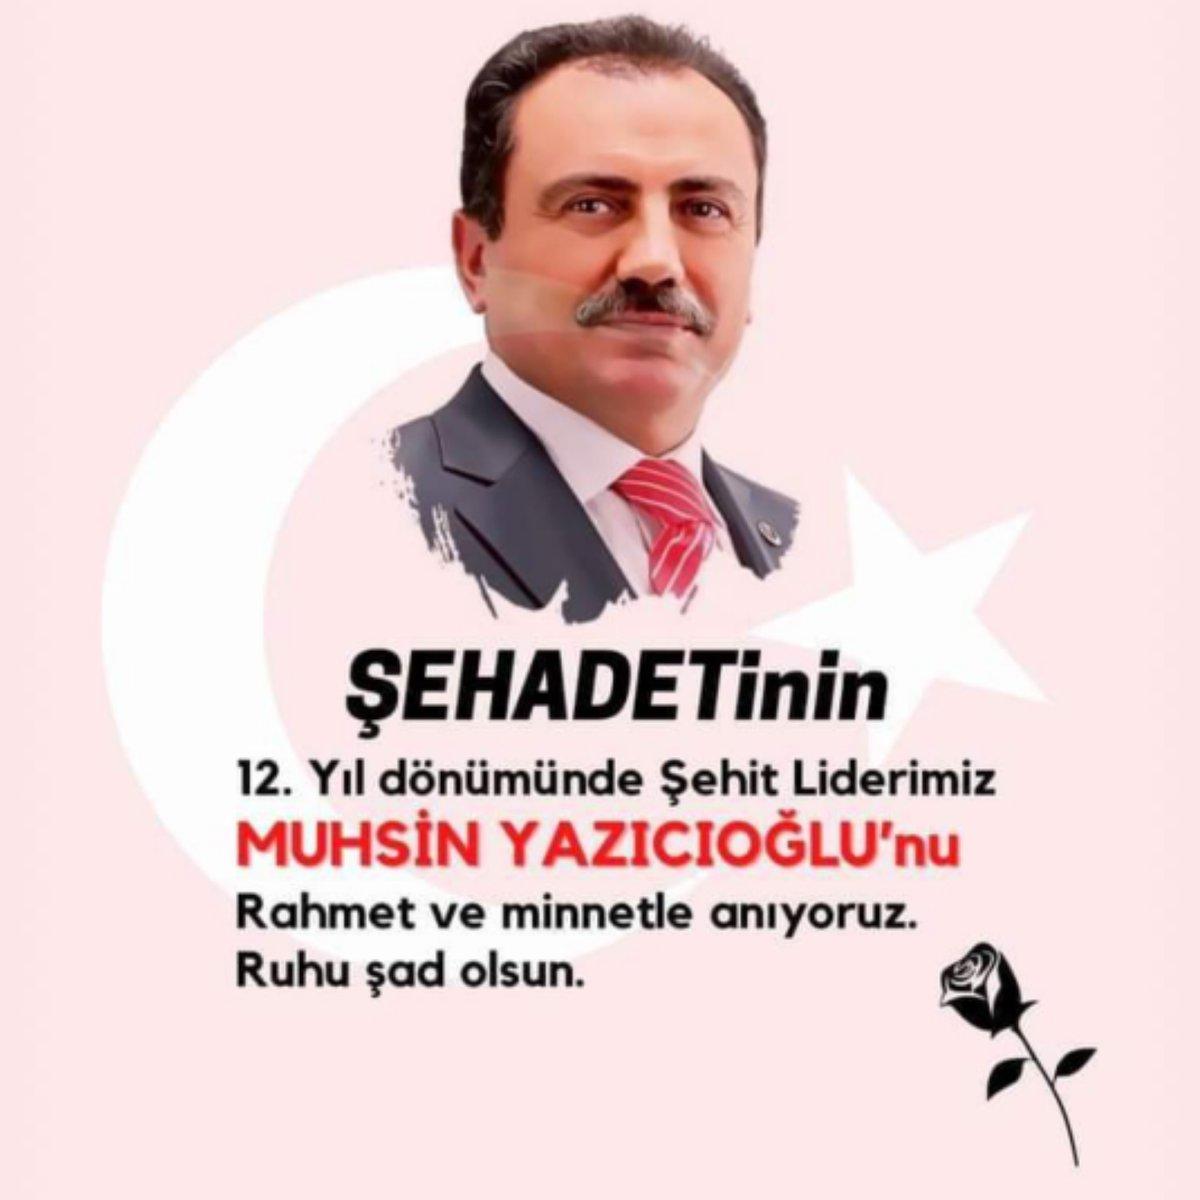 Muhsin Yazıcıoğlu on Twitter: